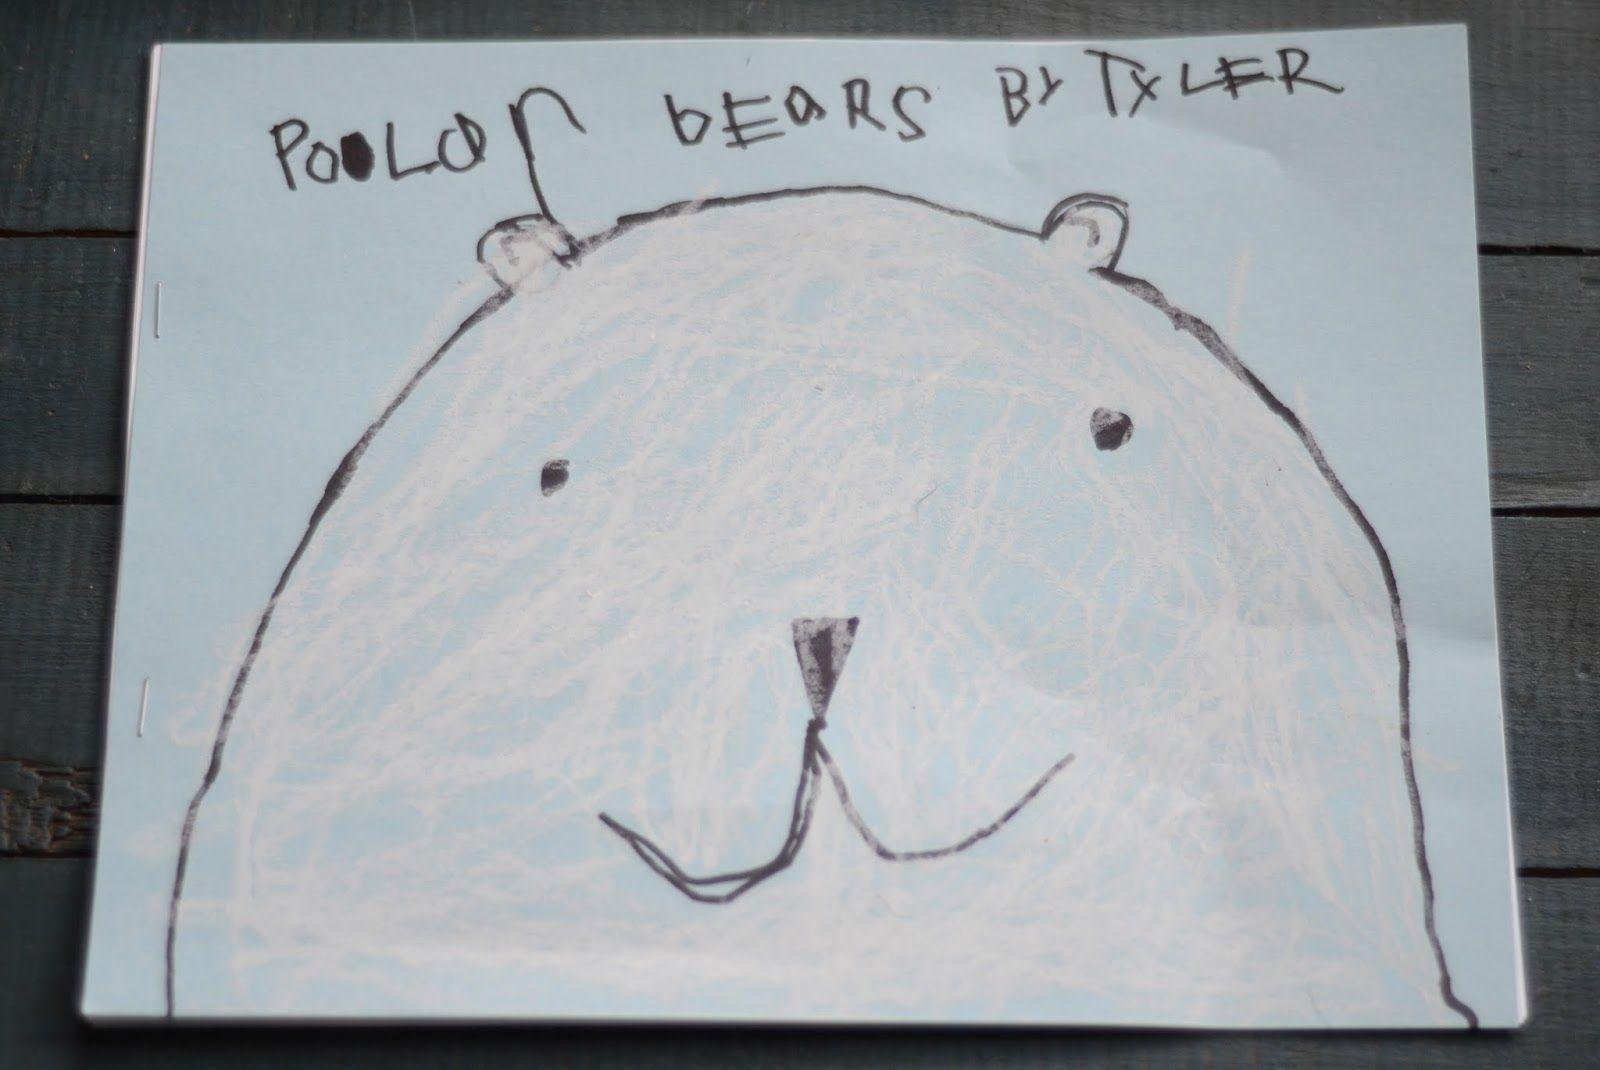 Polar Bear Experts